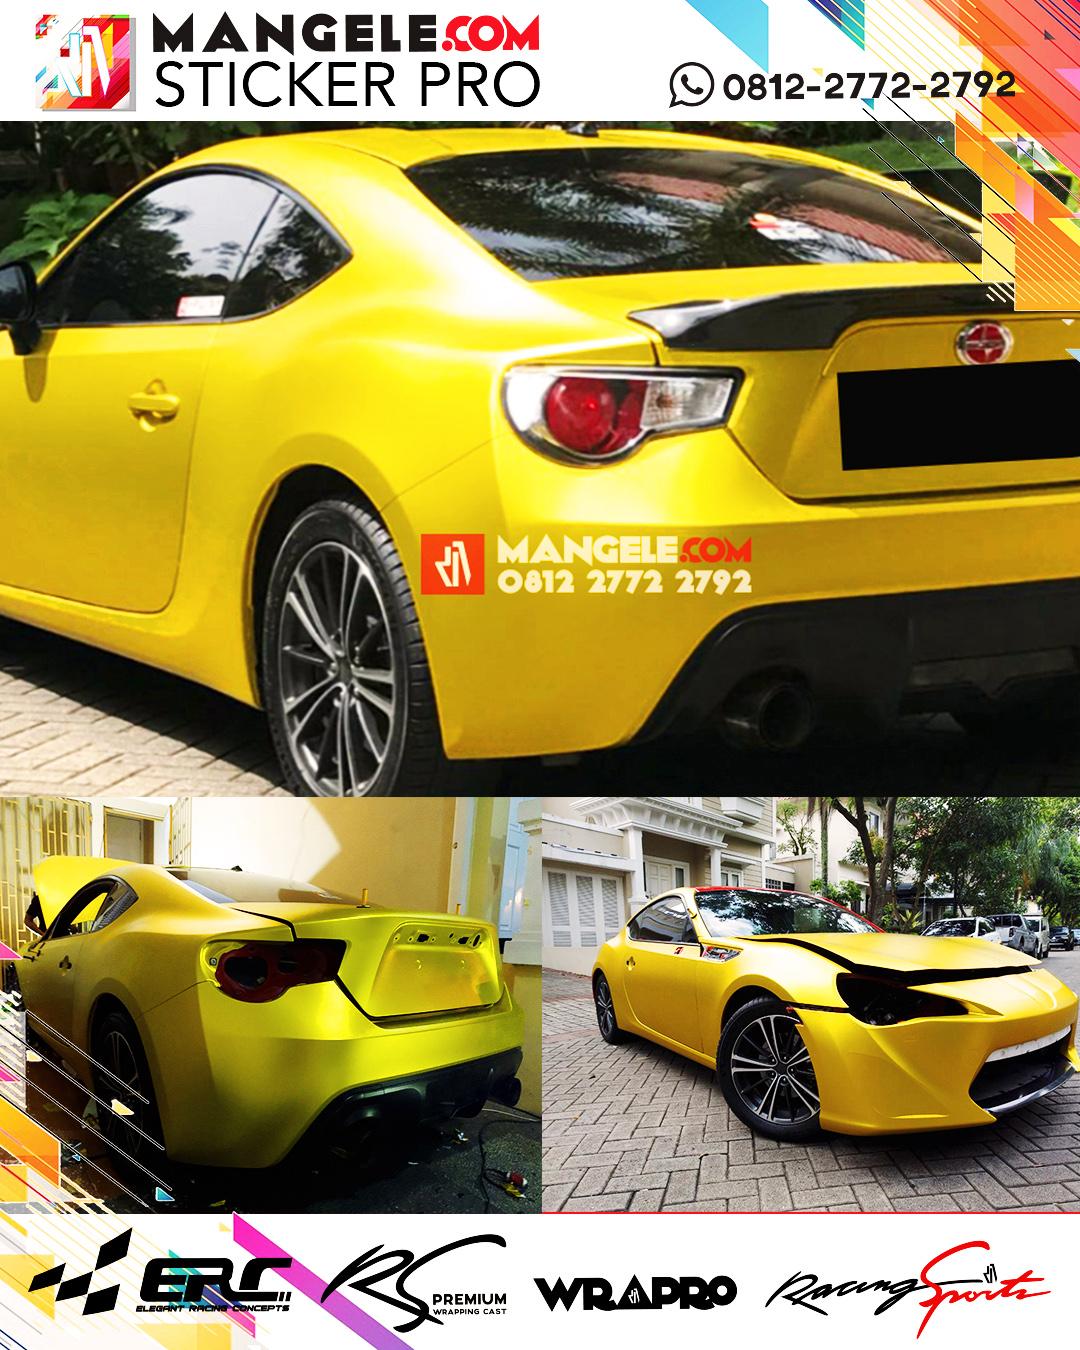 RS Premium Wrapping Stiker Mobil Anti Gores Mangele Bandung